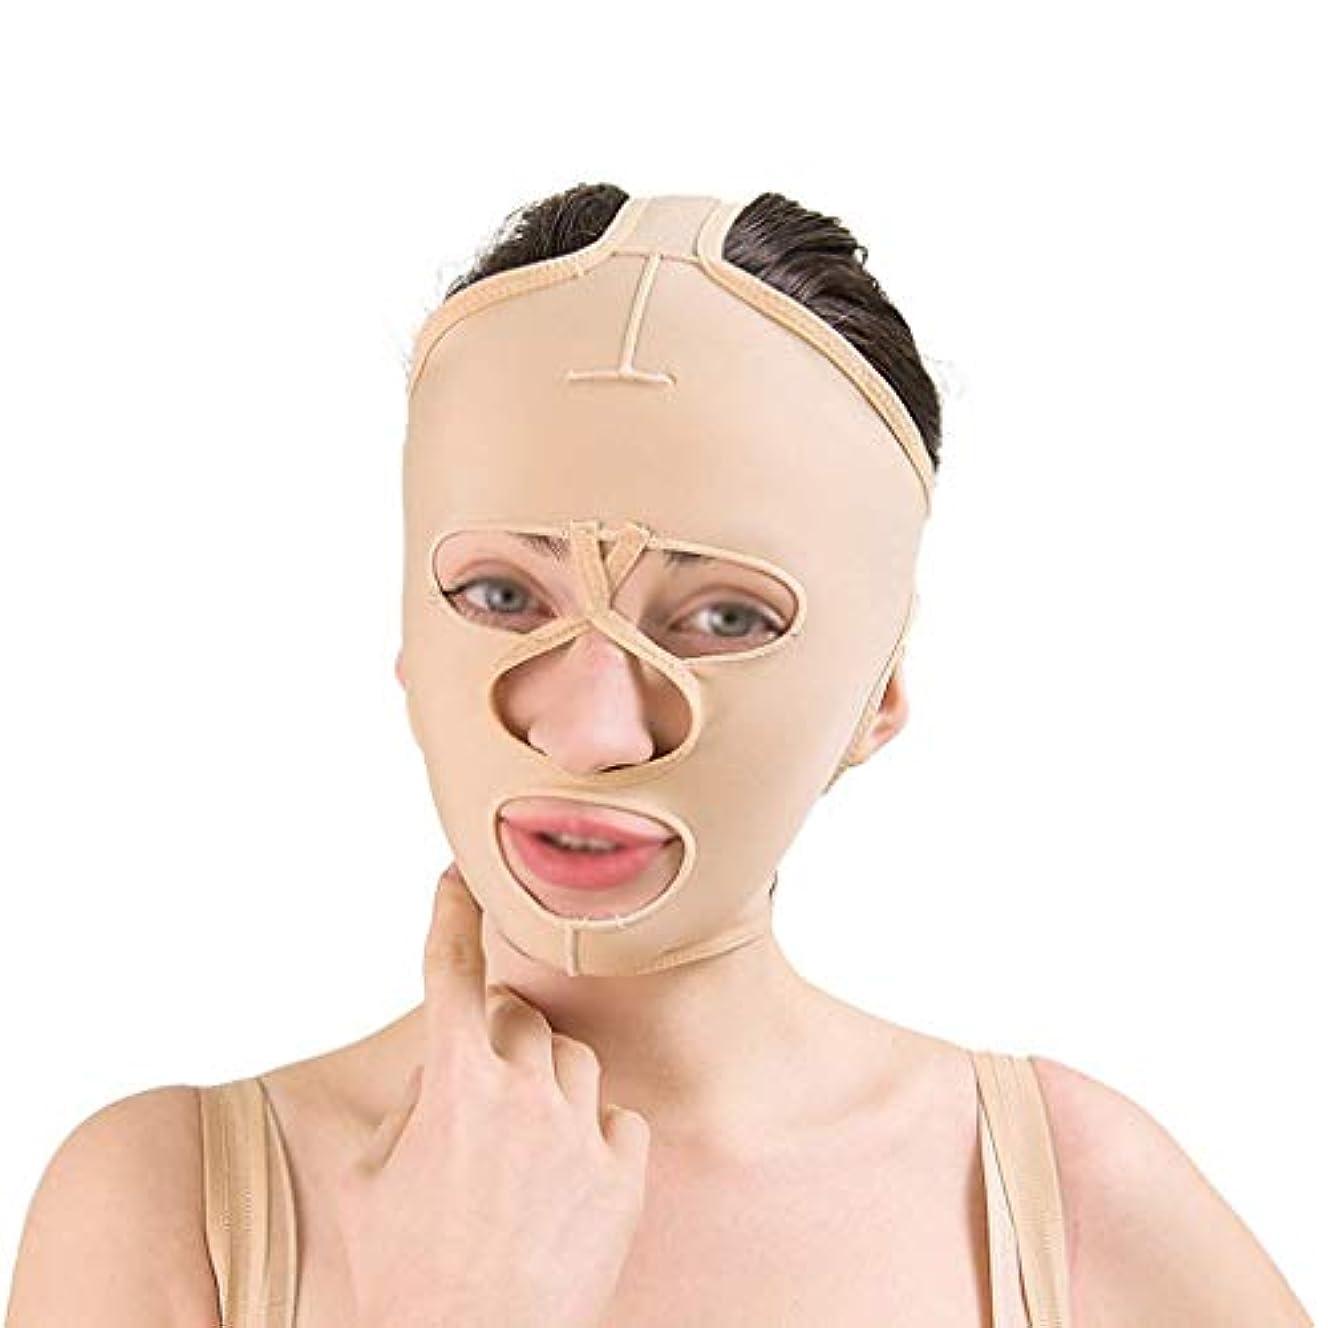 収益プリーツ見てフェイシャルリフティングツール、フェイシャルビューティーリフティングマスク、通気性引き締めリフティングフェイシャル包帯、フェイシャルタイトバンデージ(サイズ:L),ザ?